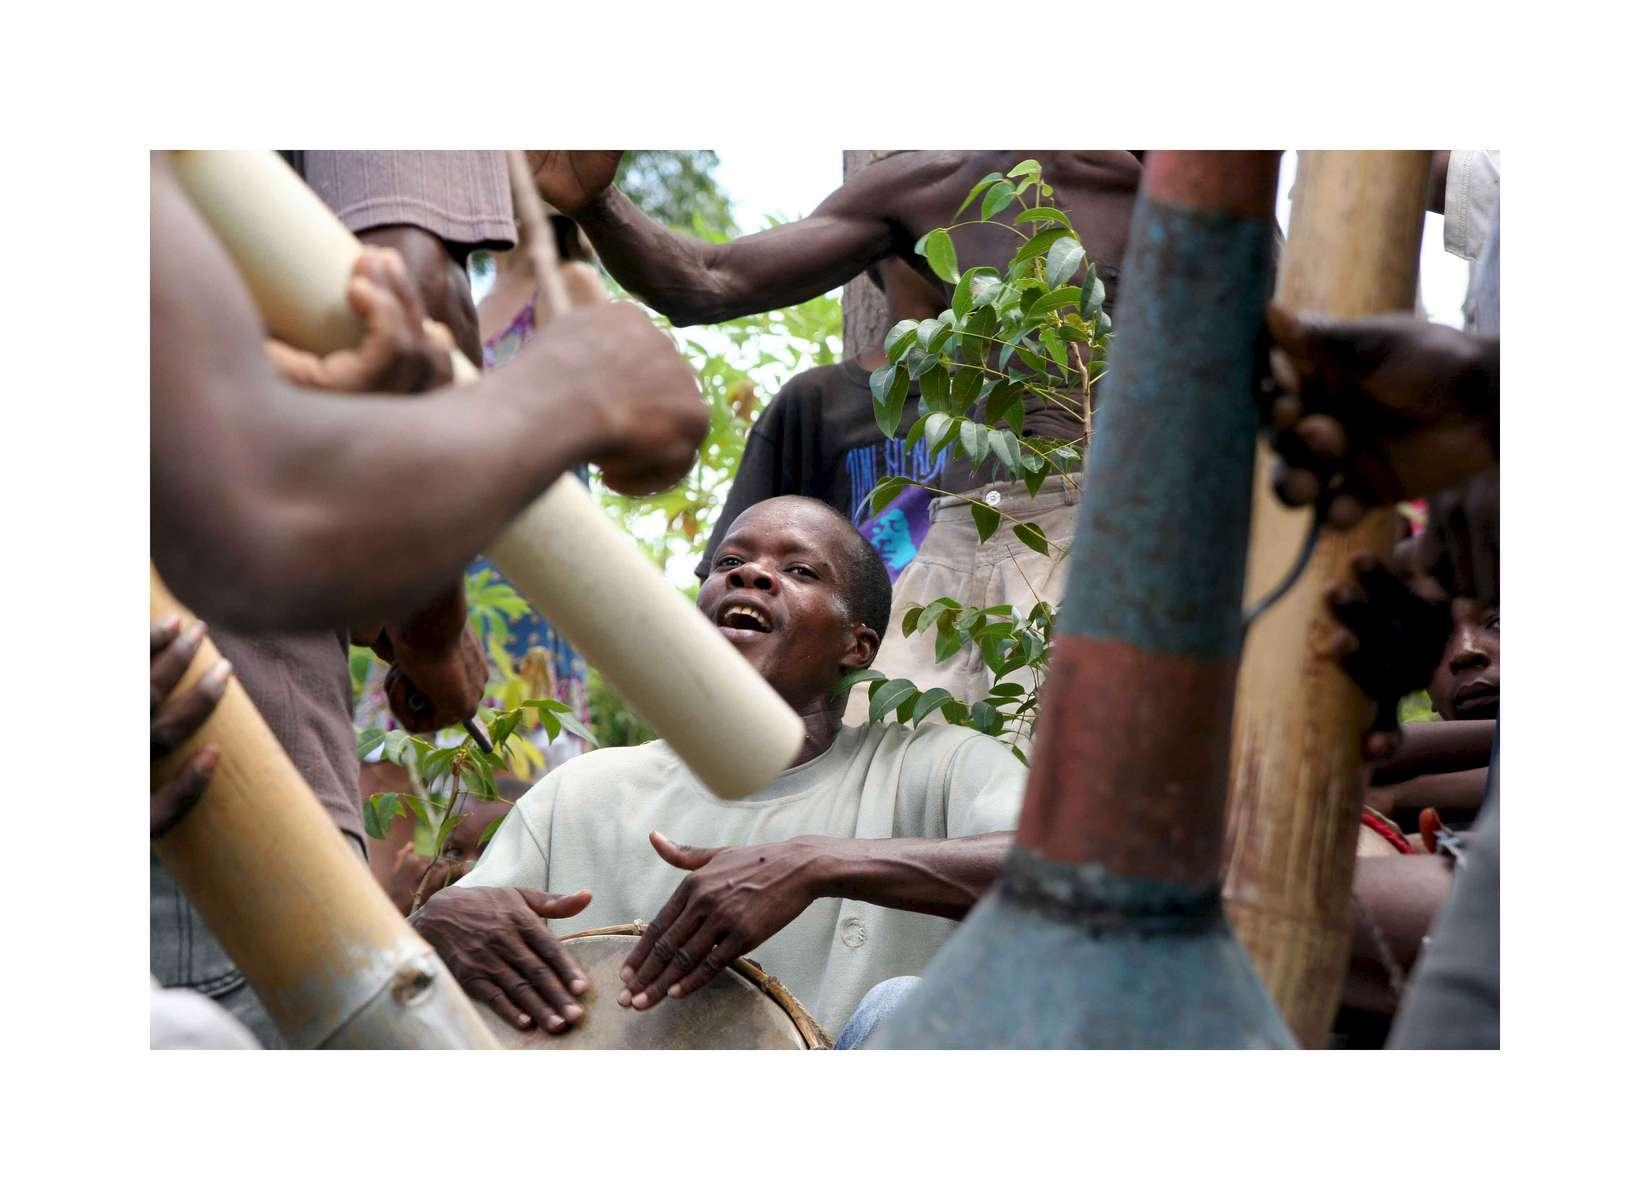 The Rhythm of Haiti